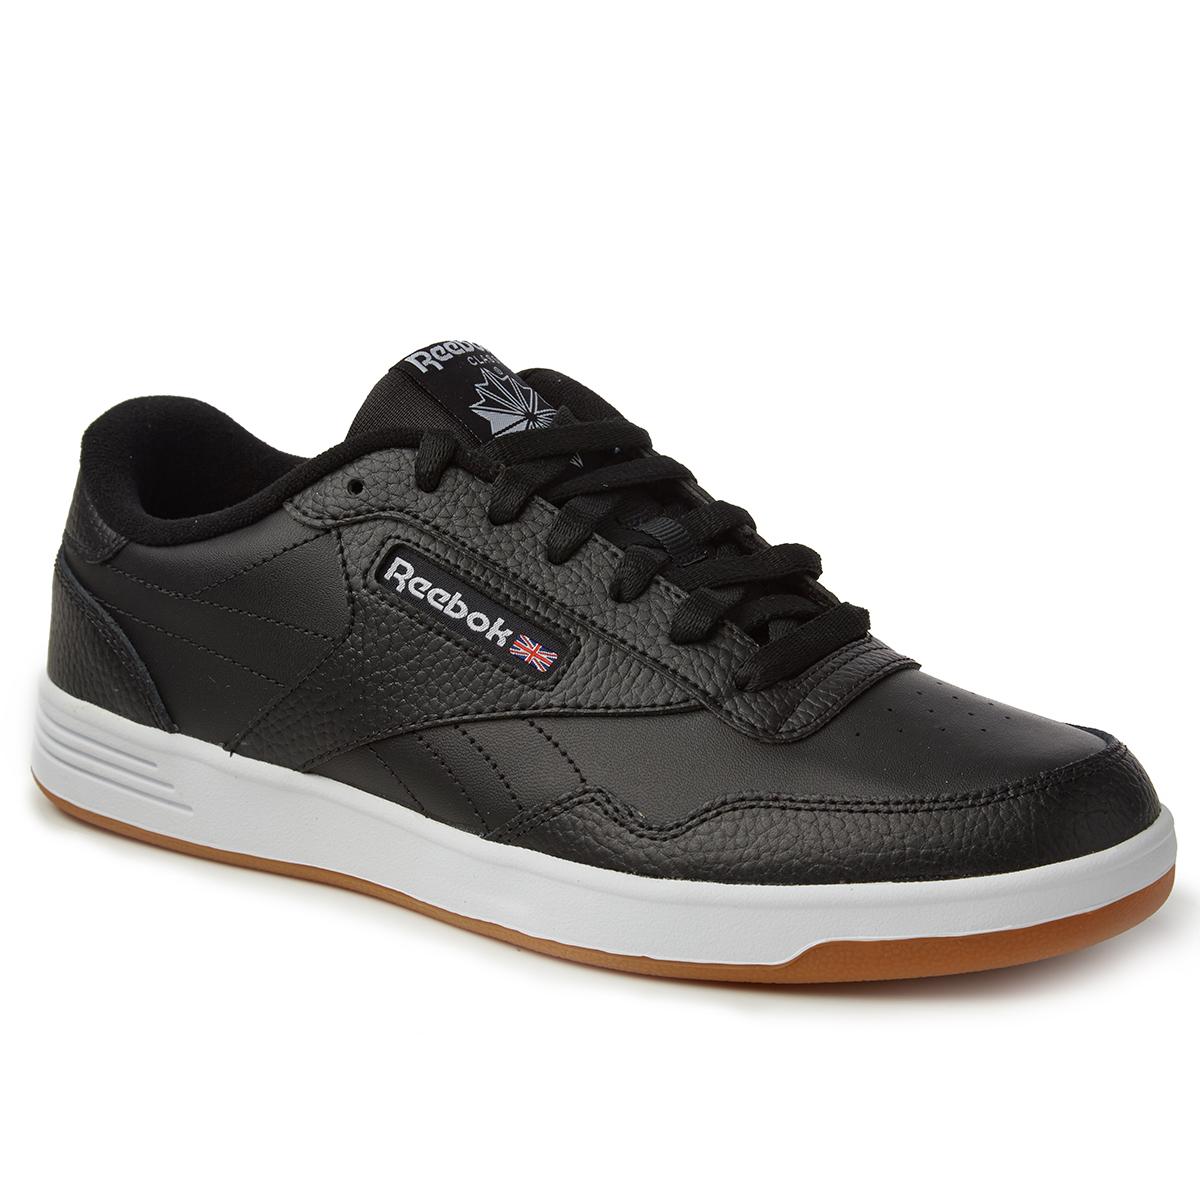 Reebok Men's Club Memt Gum Sole Sneakers - Black, 10.5